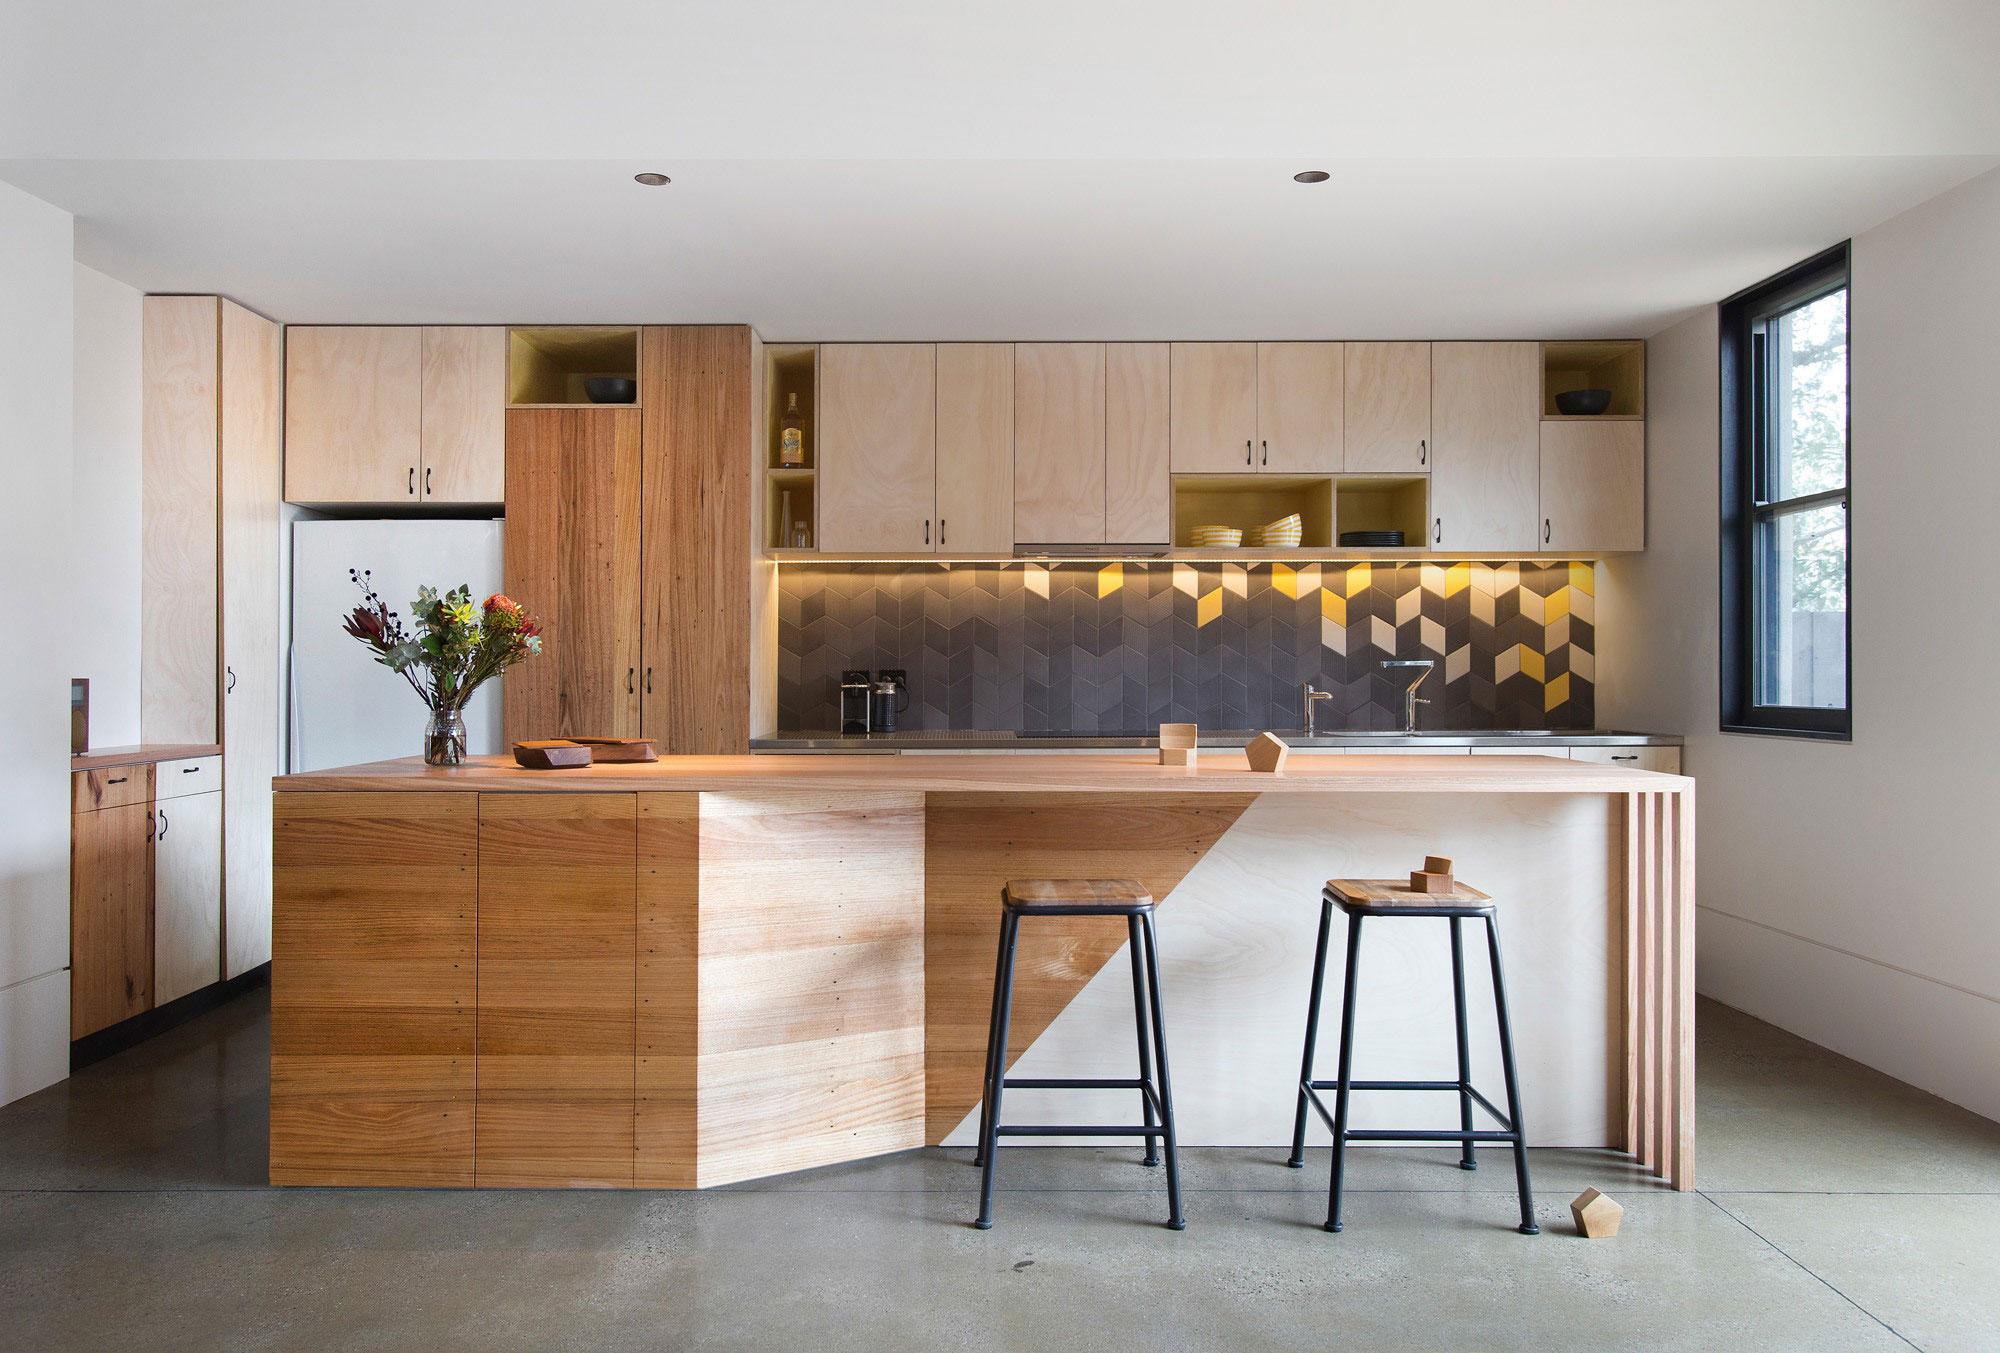 best modern kitchen design ideas kitchen designs pictures 6 The Unfinished Dream